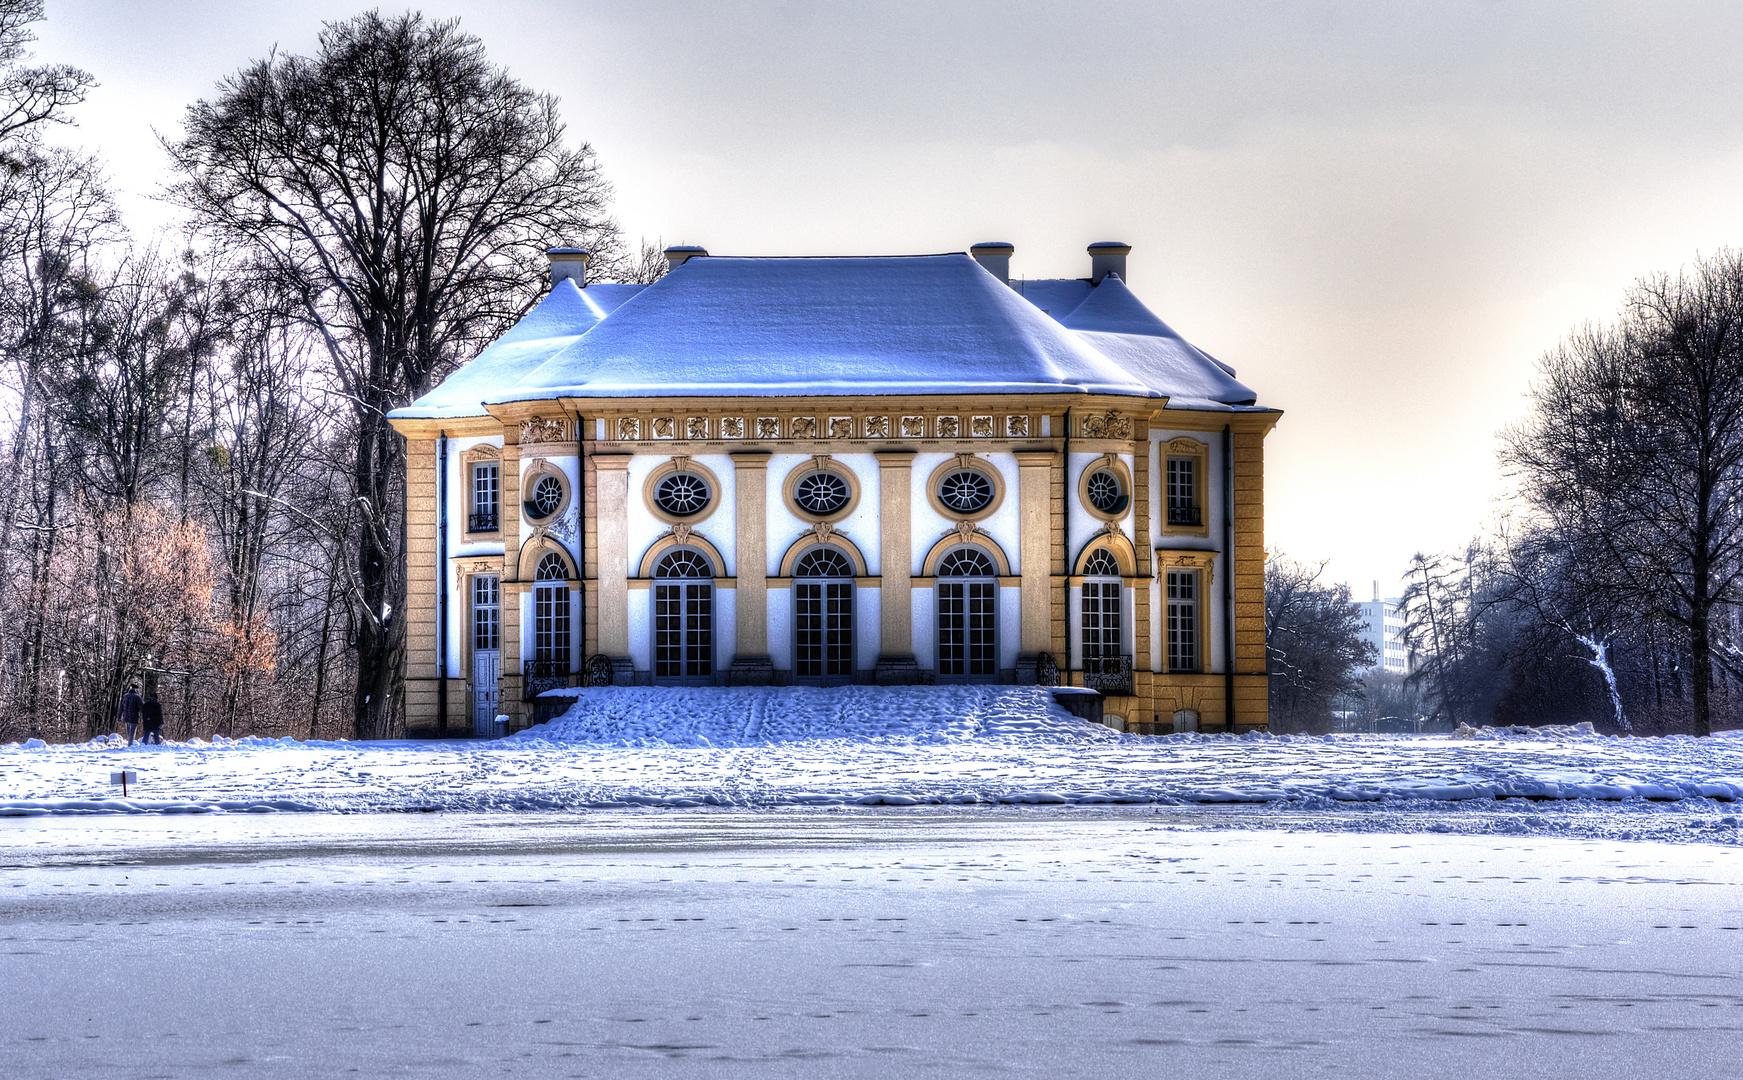 München, Schlosspark Nymphenburg, Badeburg mit dem davor liegenden, zugefrorenen Badesee